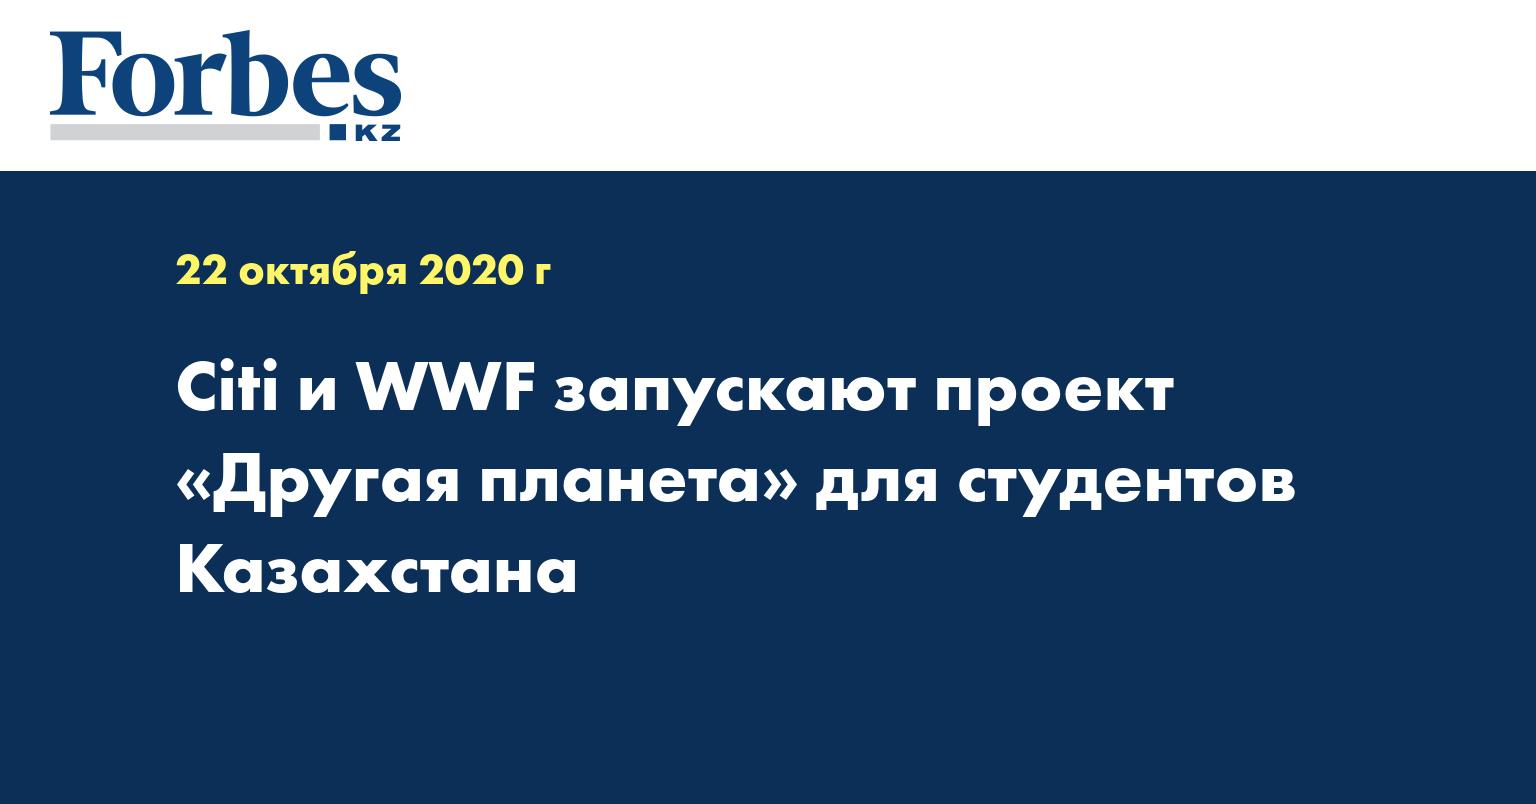 Citi и WWF запускают проект «Другая планета» для студентов Казахстана